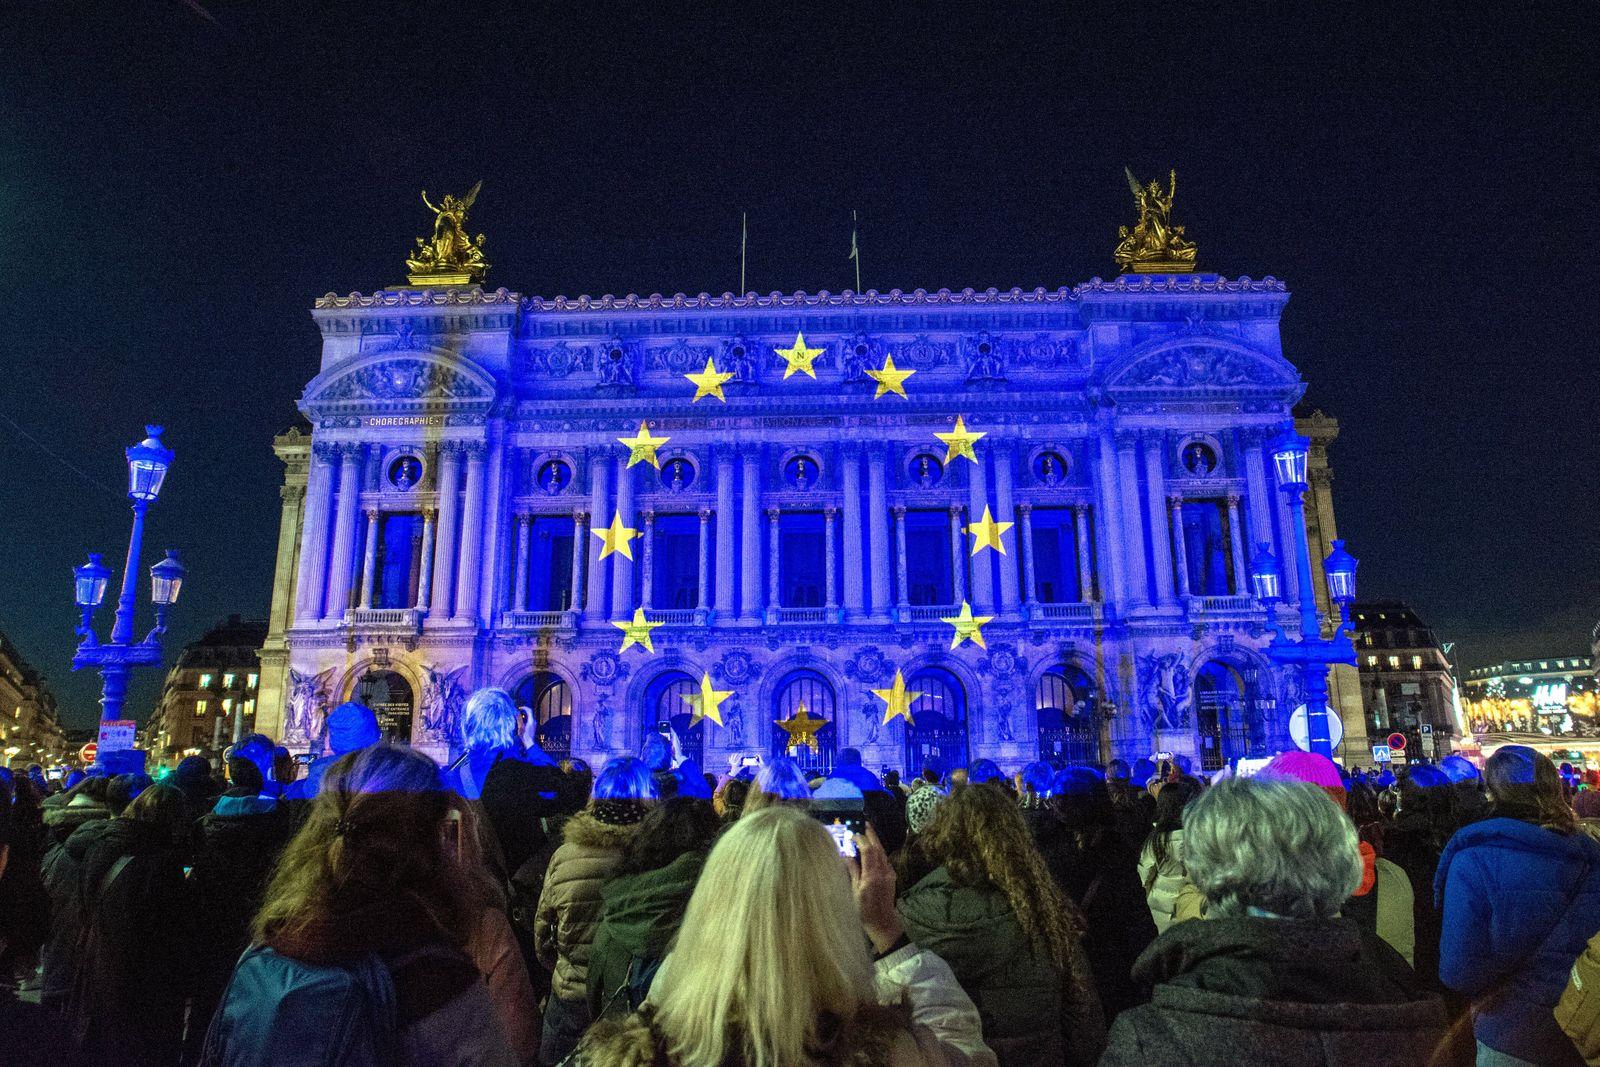 aris France 15 Decembre 2020. Projection sur la facade de l opera Garnier pour celebrer les six mois de presidence du c